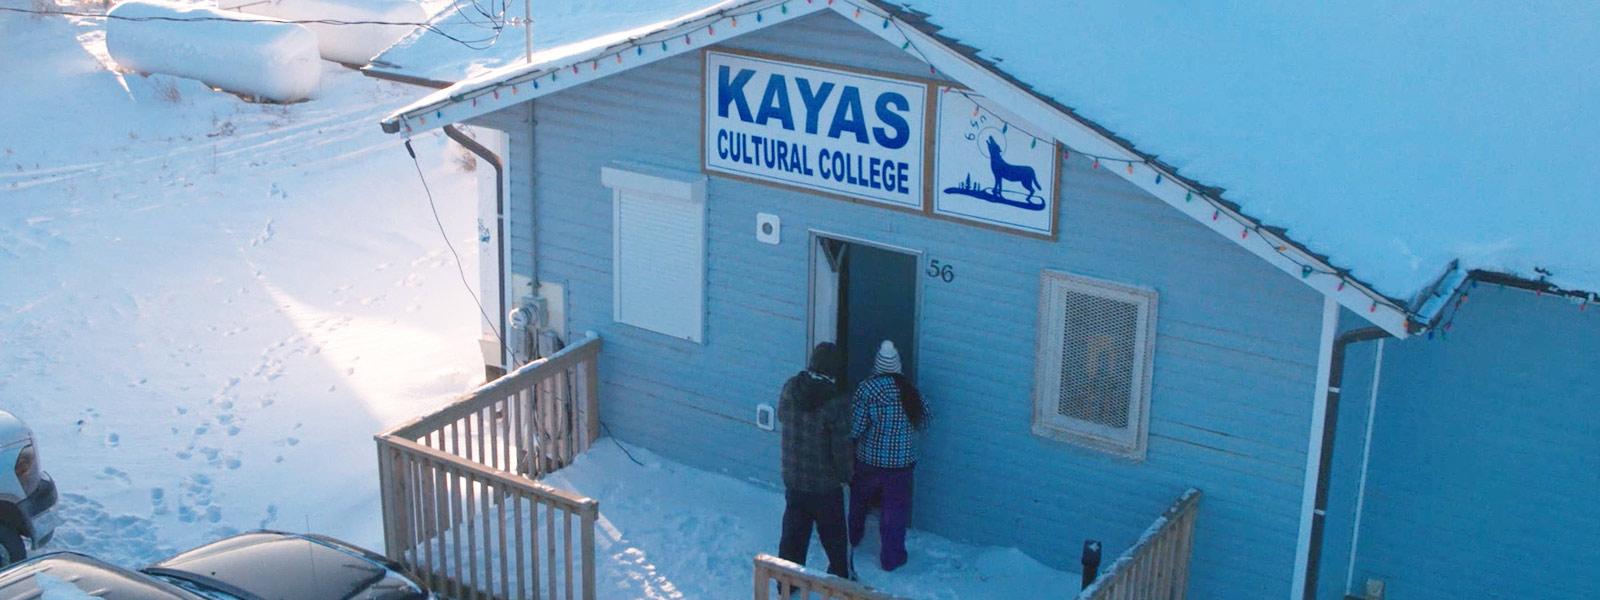 雪が降る日の Kayas Cultural College のビルの外観、生徒が二人中を歩いている。